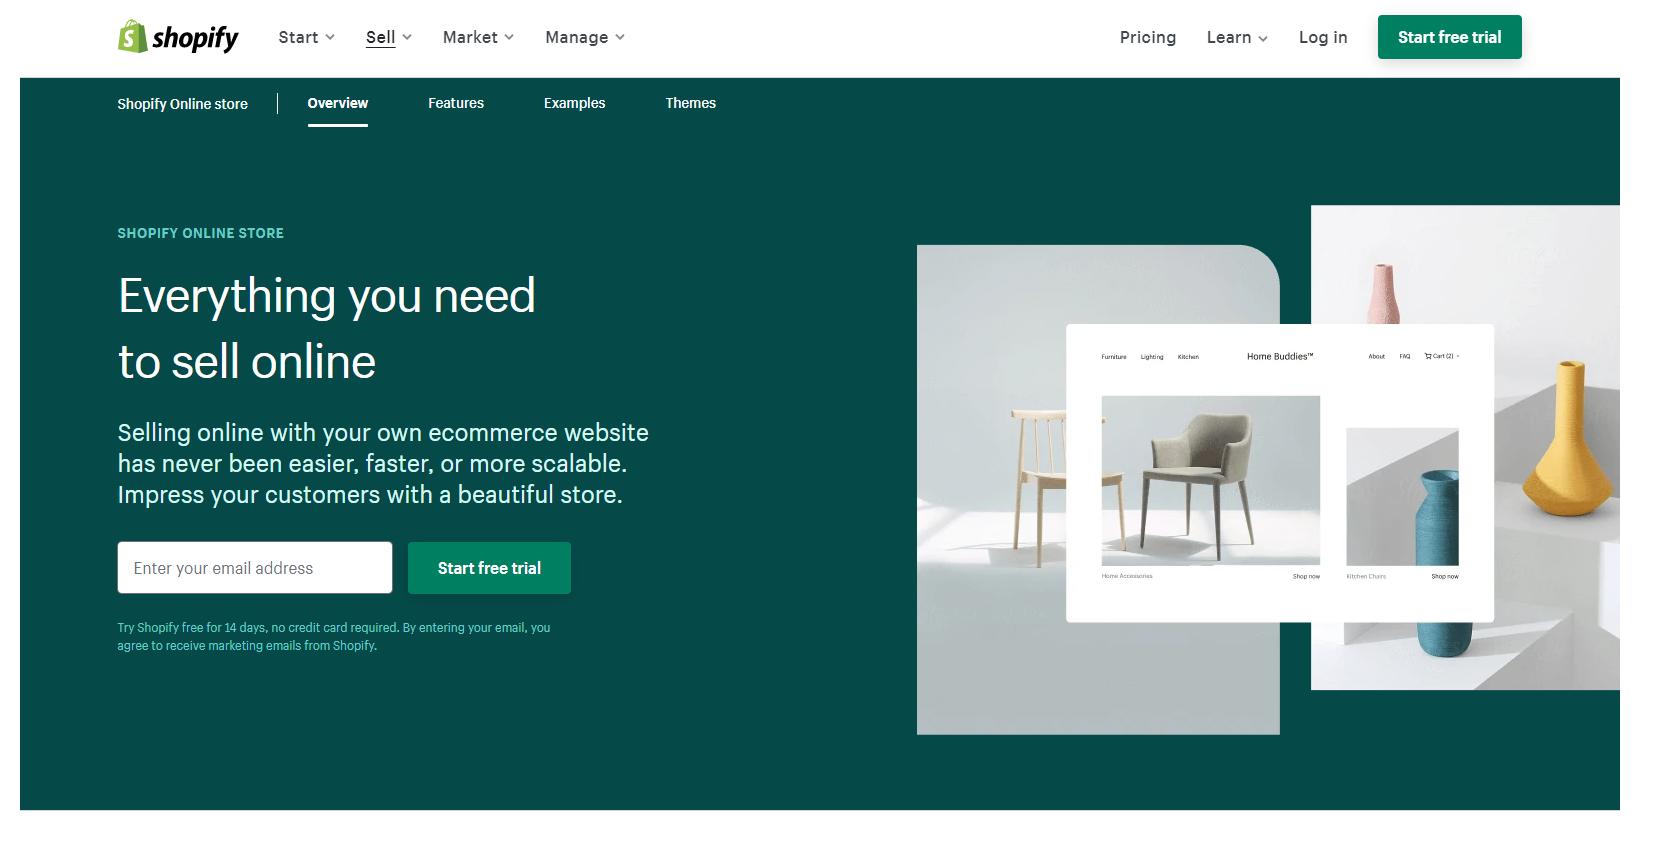 Screenshot of Shopify.com